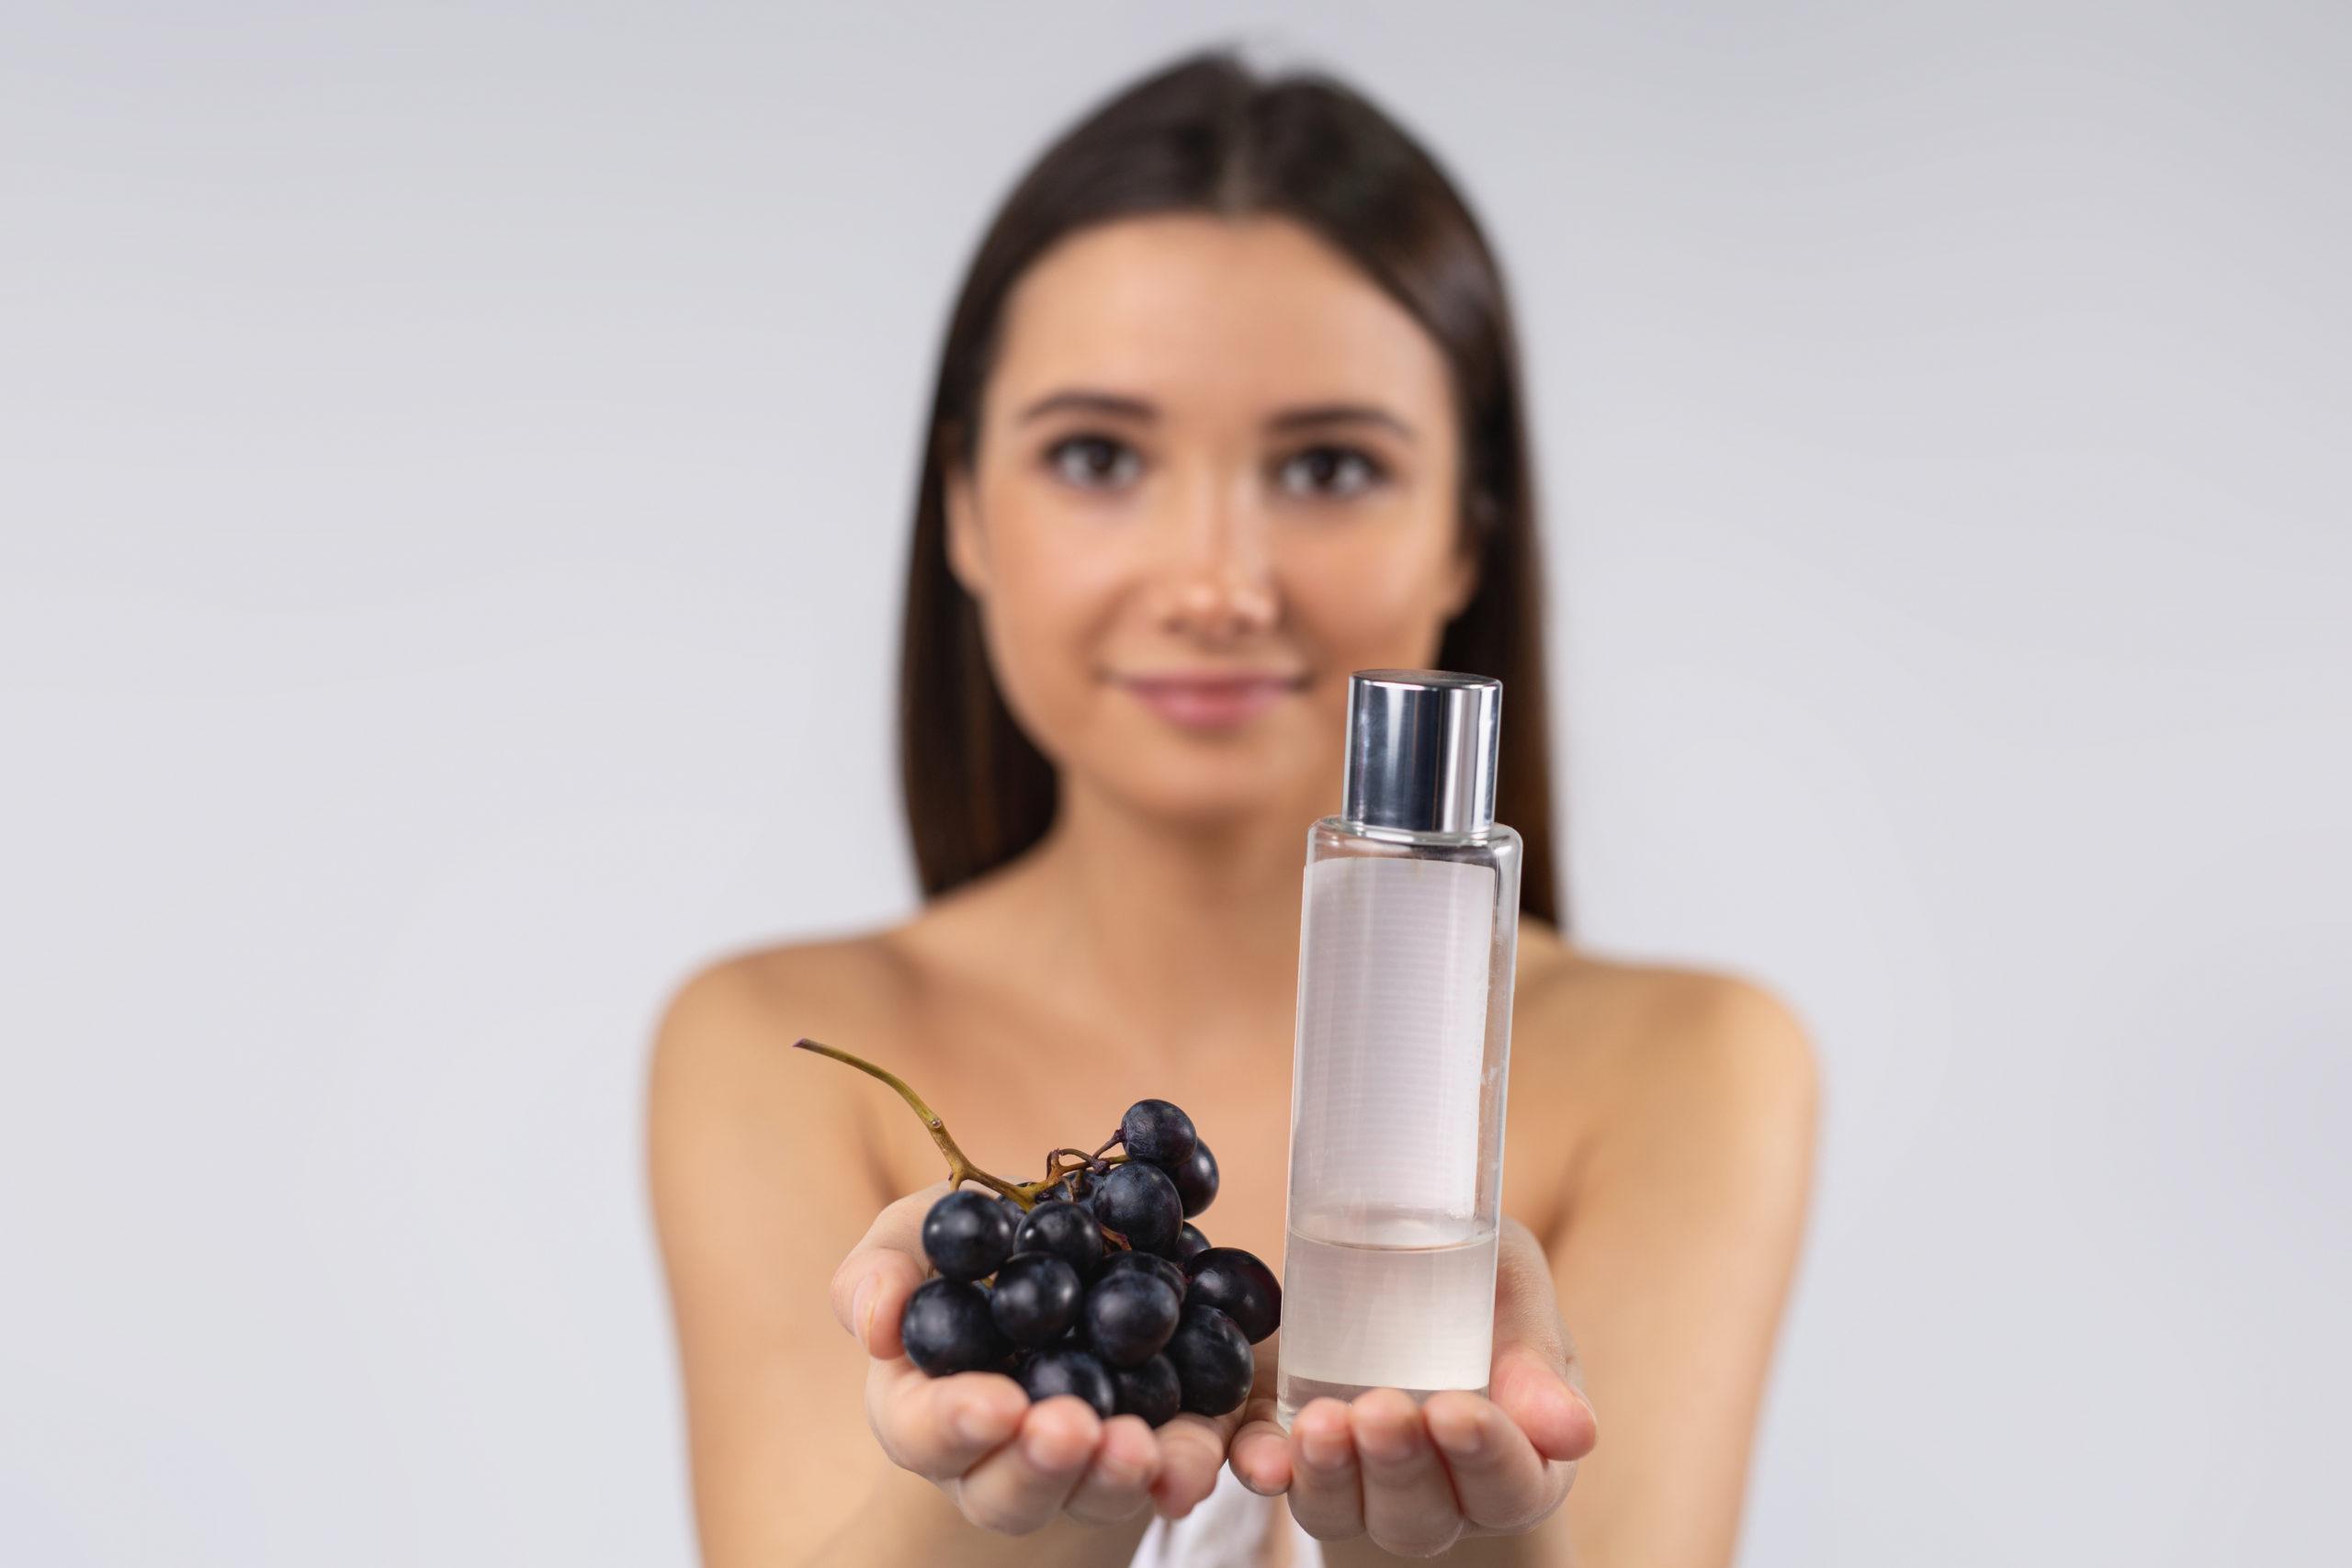 L'huile de pépins de raisin vient soutenir la repousse après une greffe de cheveux